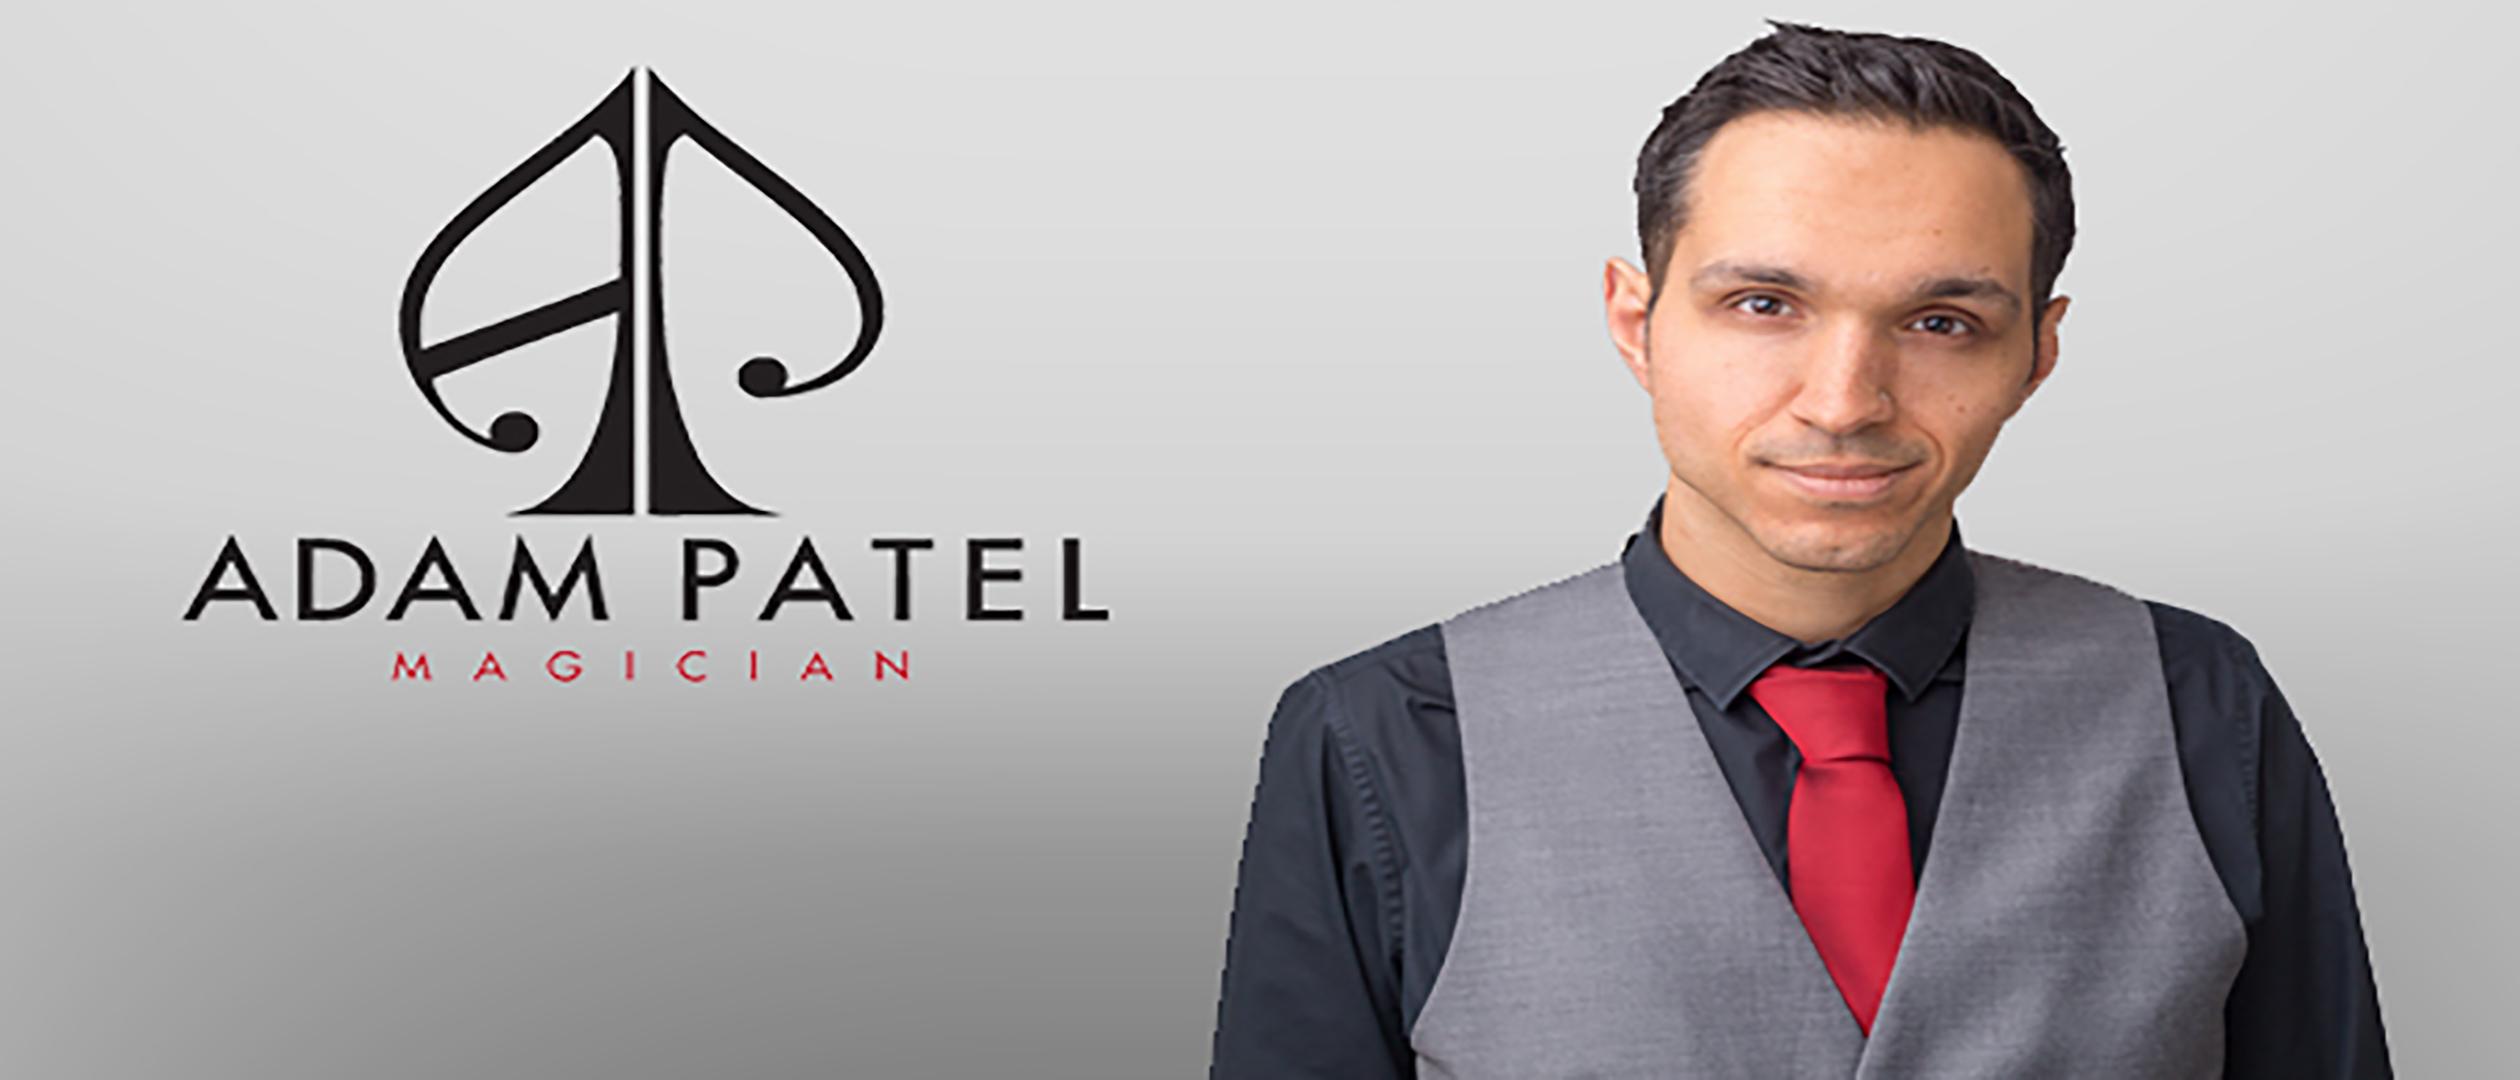 Adam Patel Real Magic 2018.www.download.ir